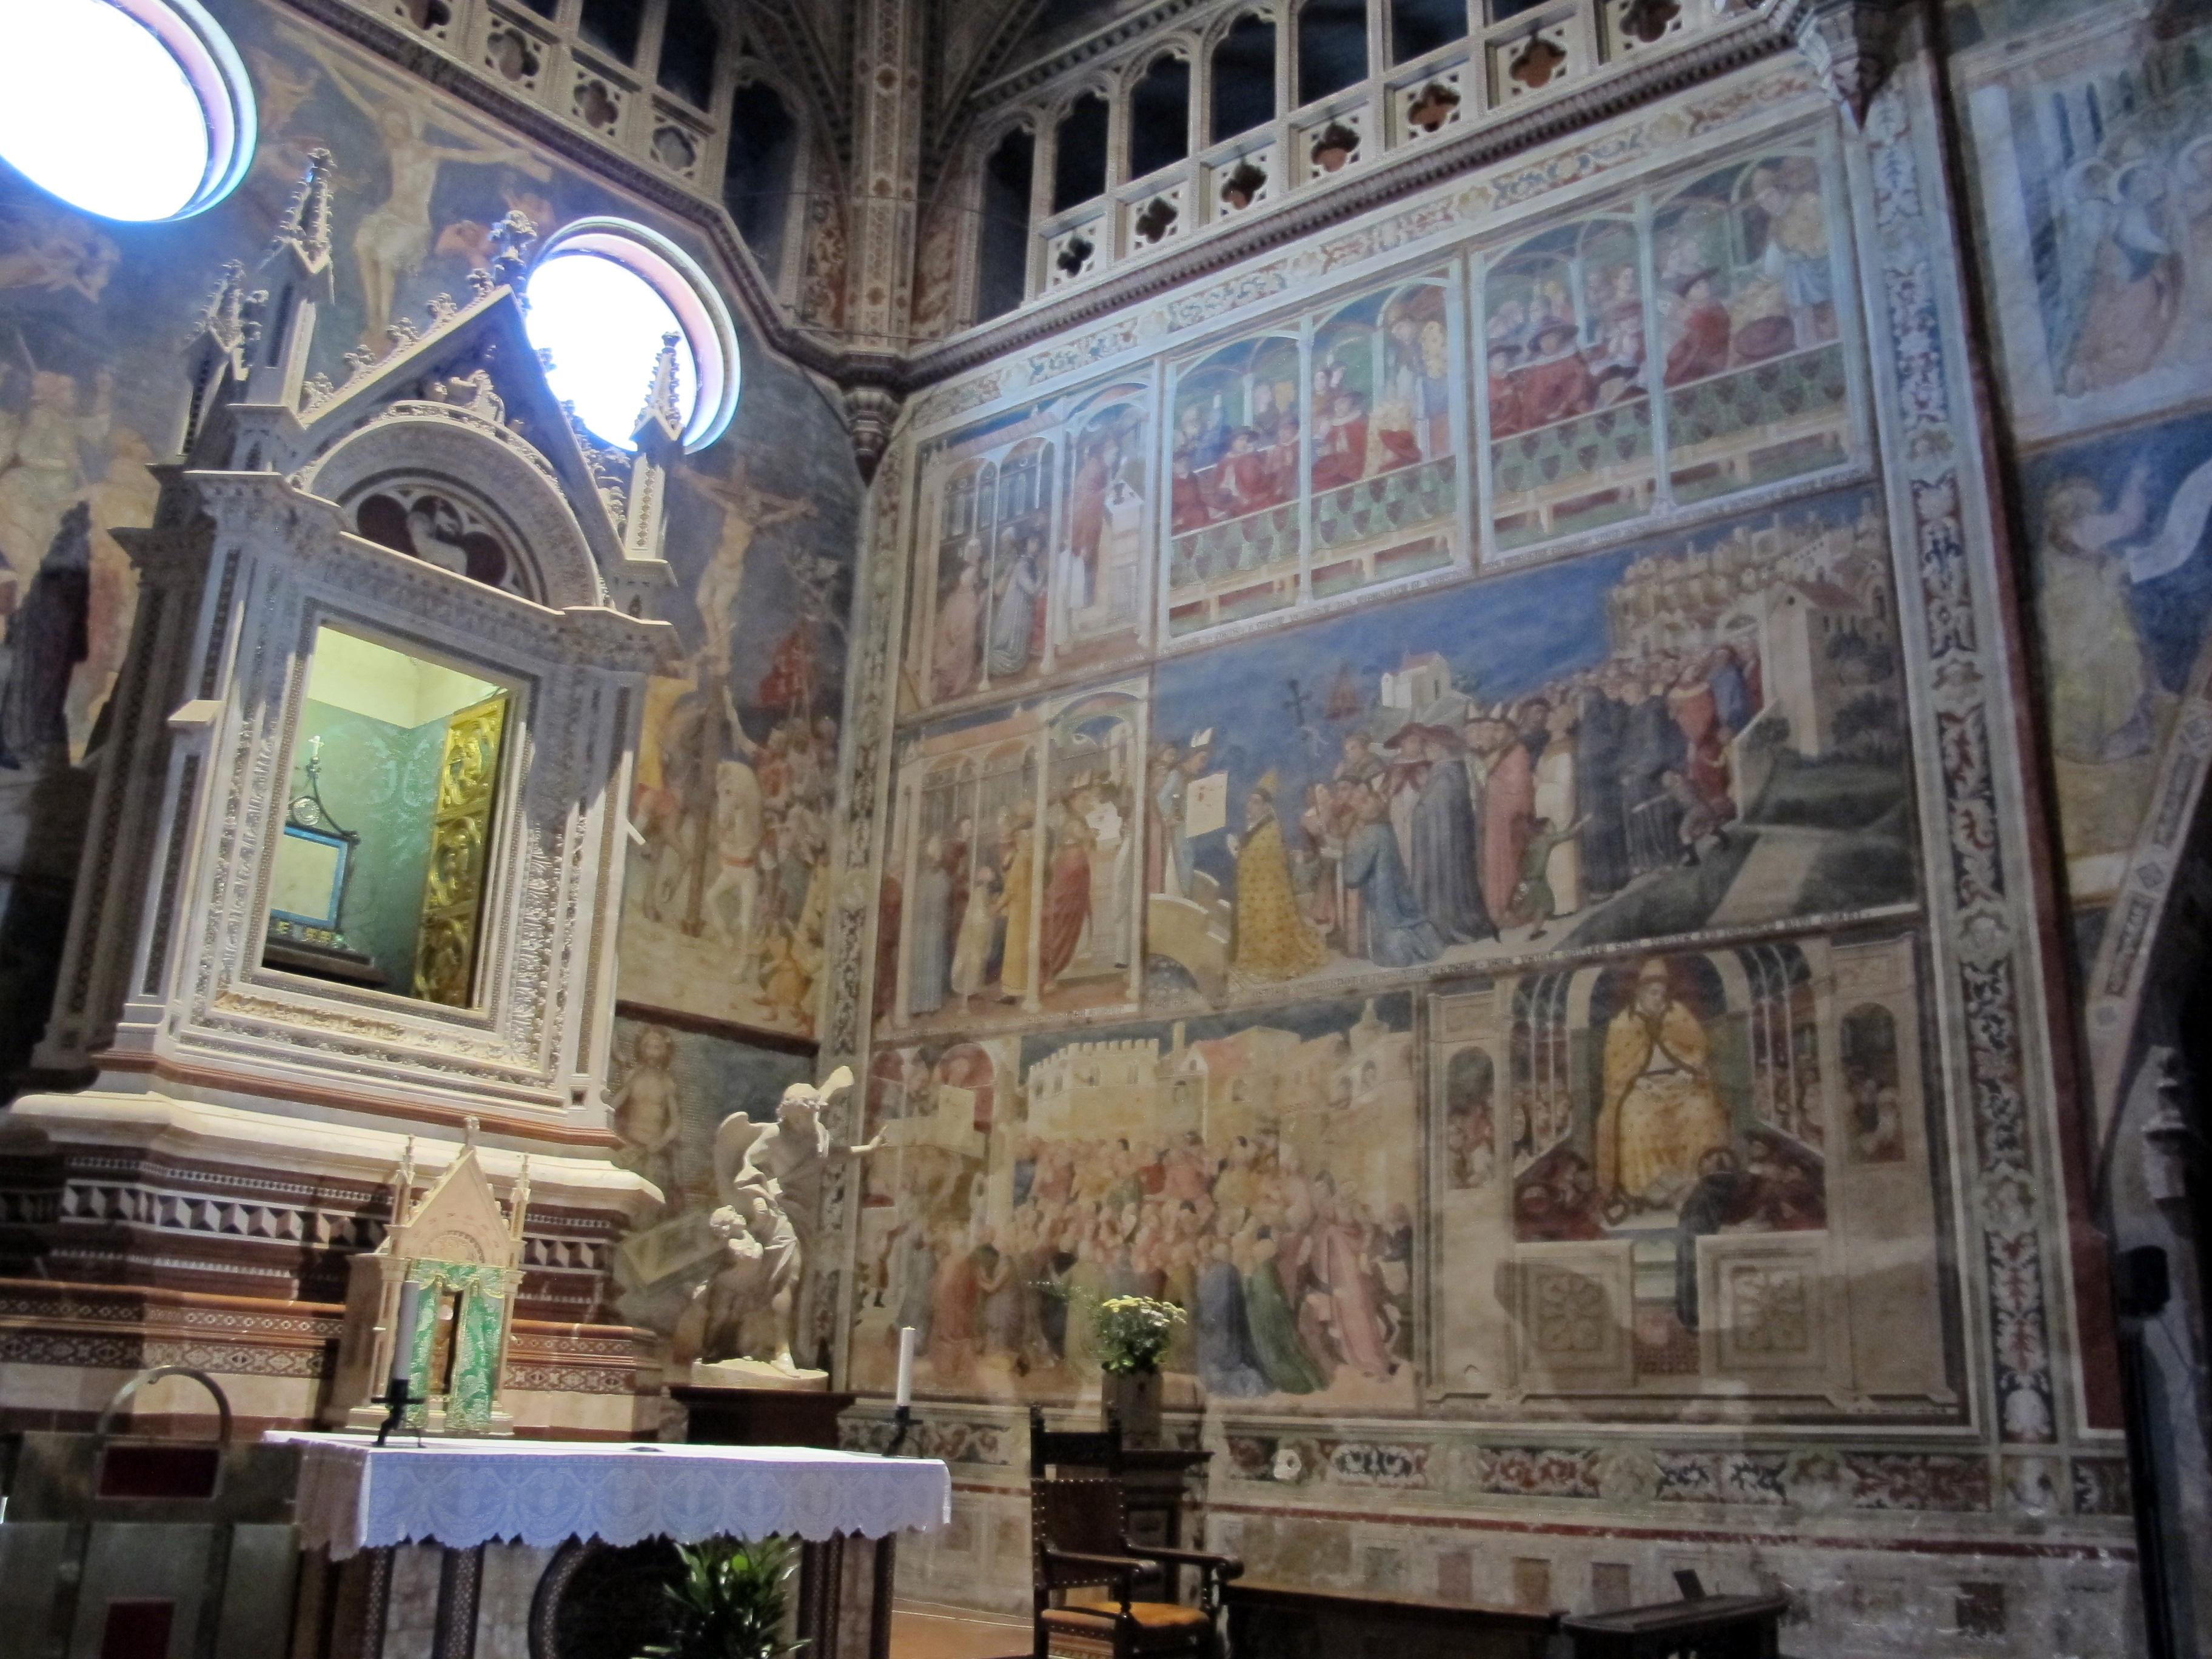 cappella_del_corporale_affreschi_di_ugolino_di_prete_ilario_e_aiuti_1357-64